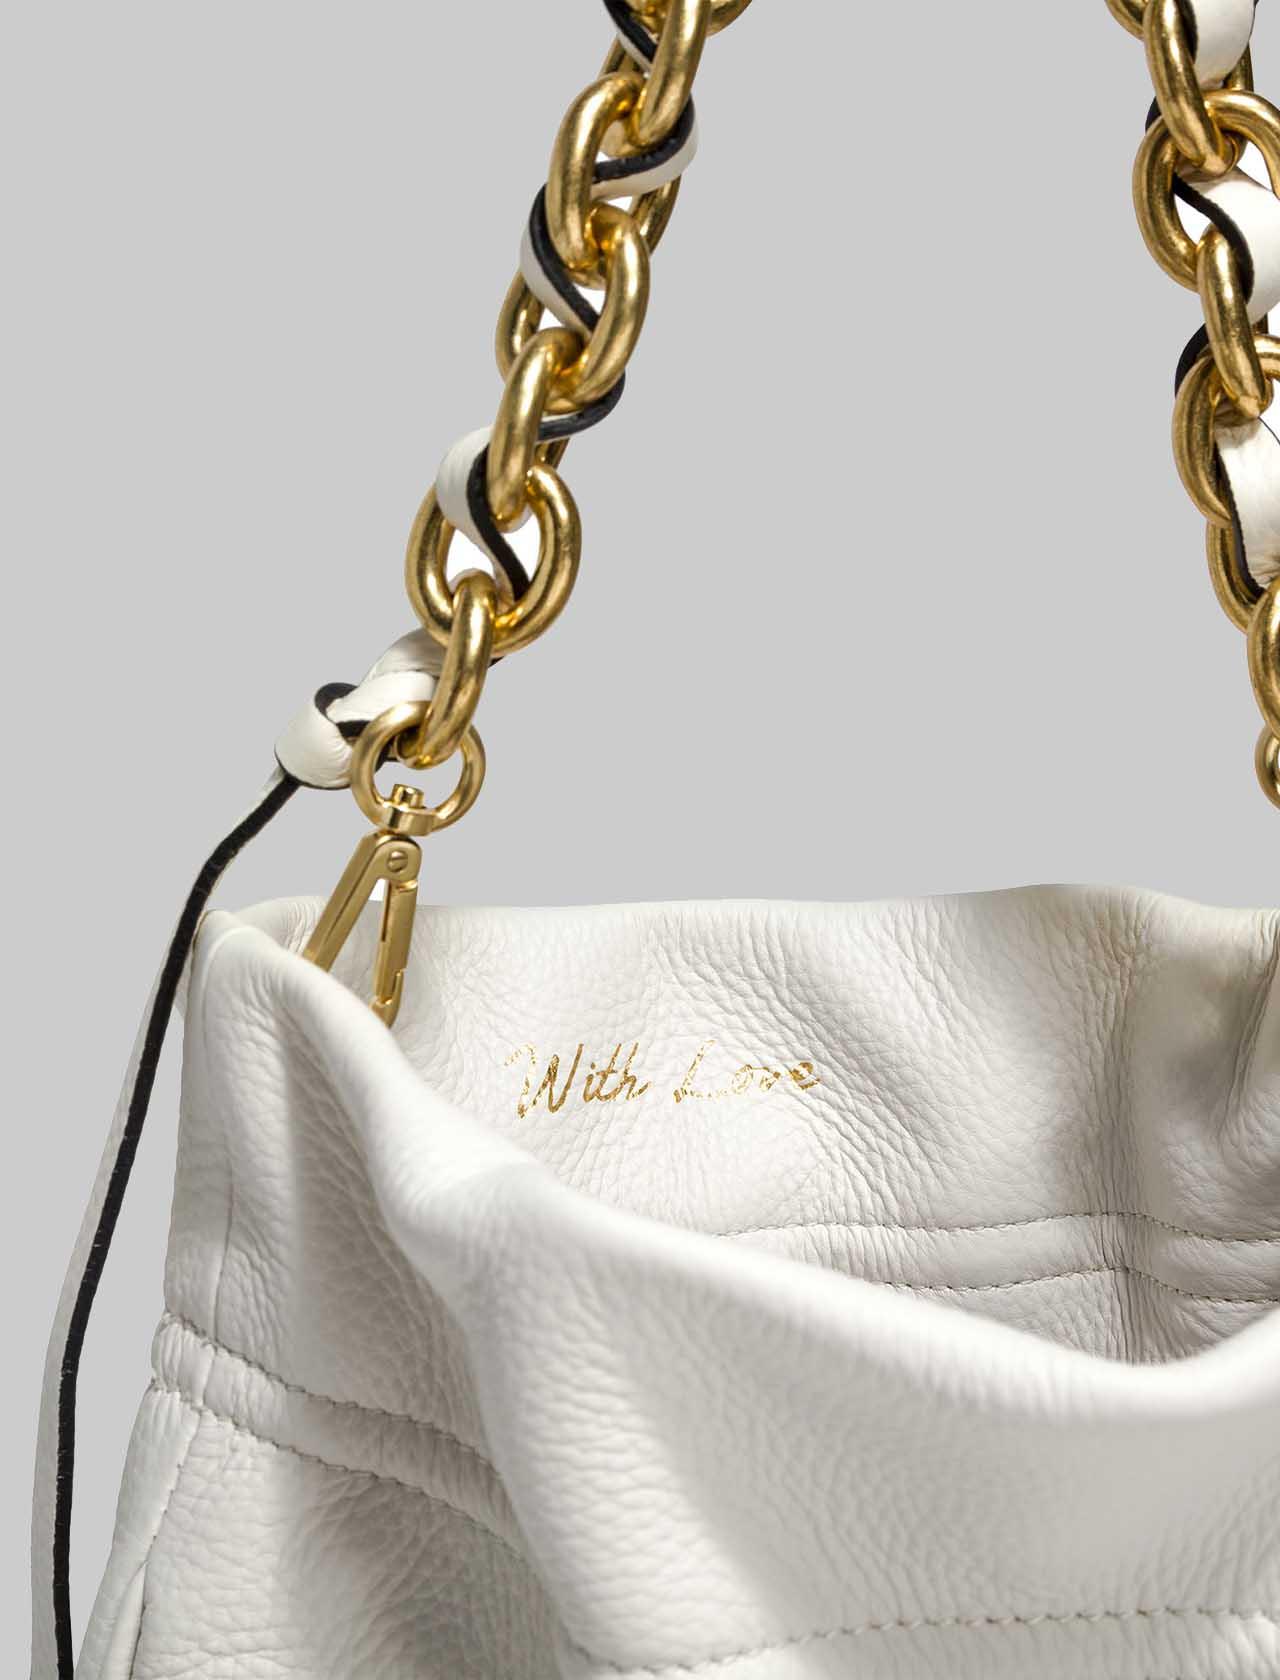 Borsa Donna Memory A Spalla In Pelle Intrecciata Panna Con Tracolla In Catena Oro Gianni Chiarini | Borse e zaini | BS83823890